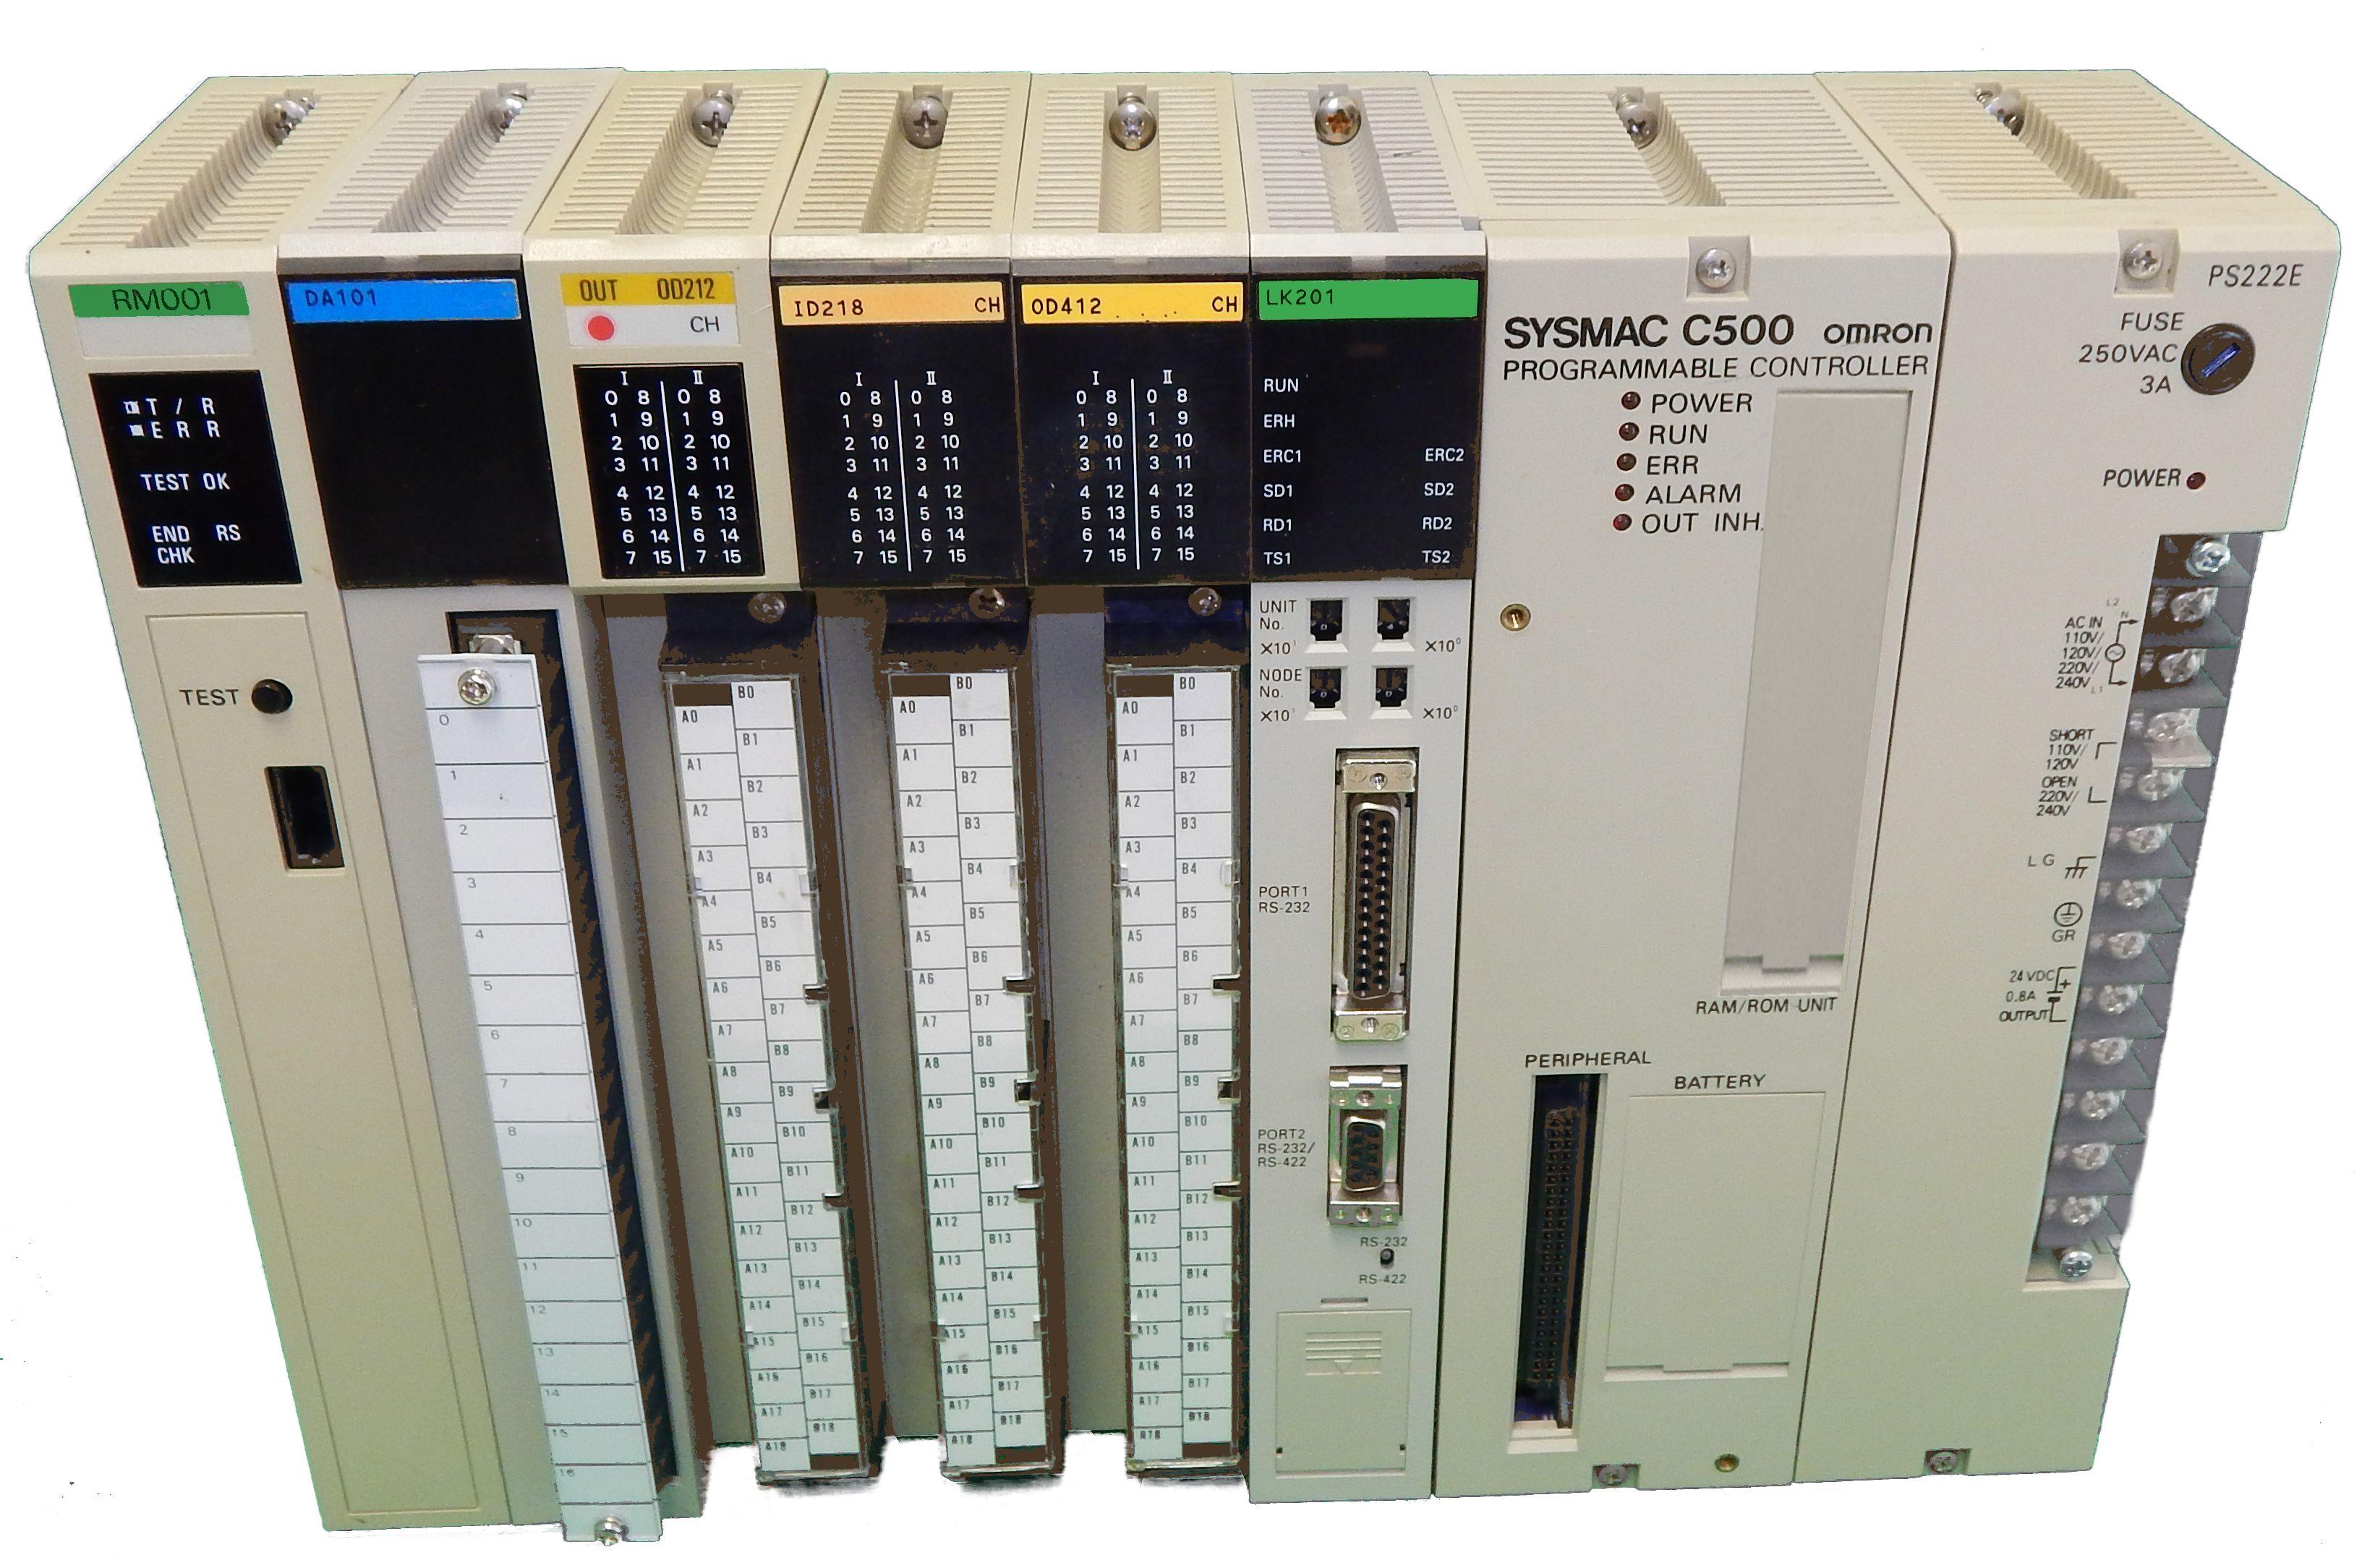 3G2A5-AD004